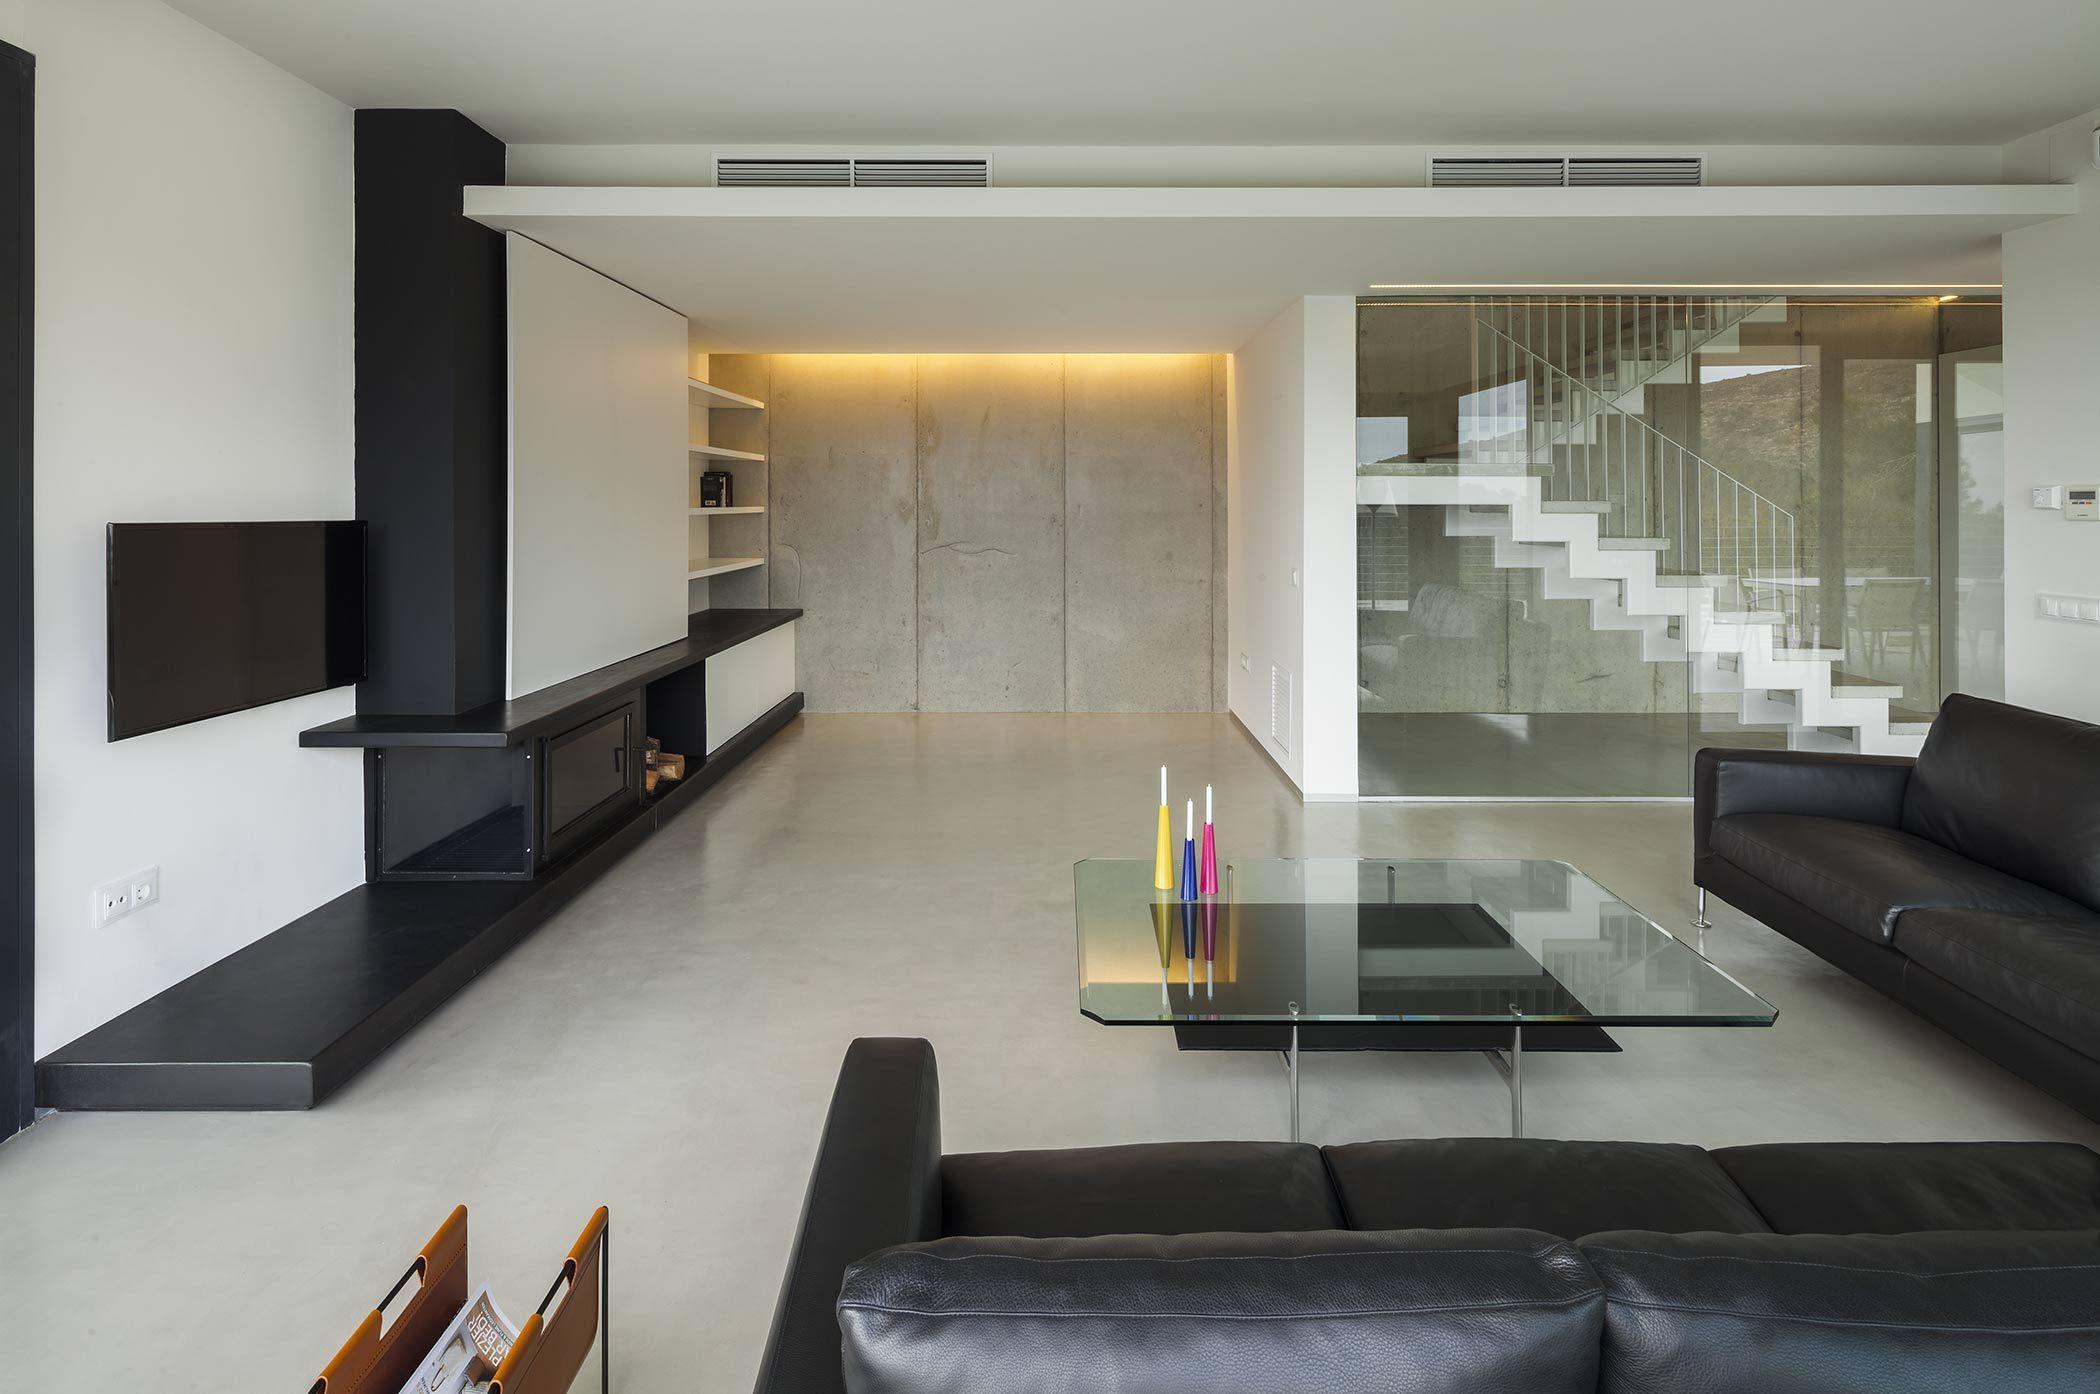 Casa dise o frente al mediterr neo sala pinterest for Ver interiores de casas modernas